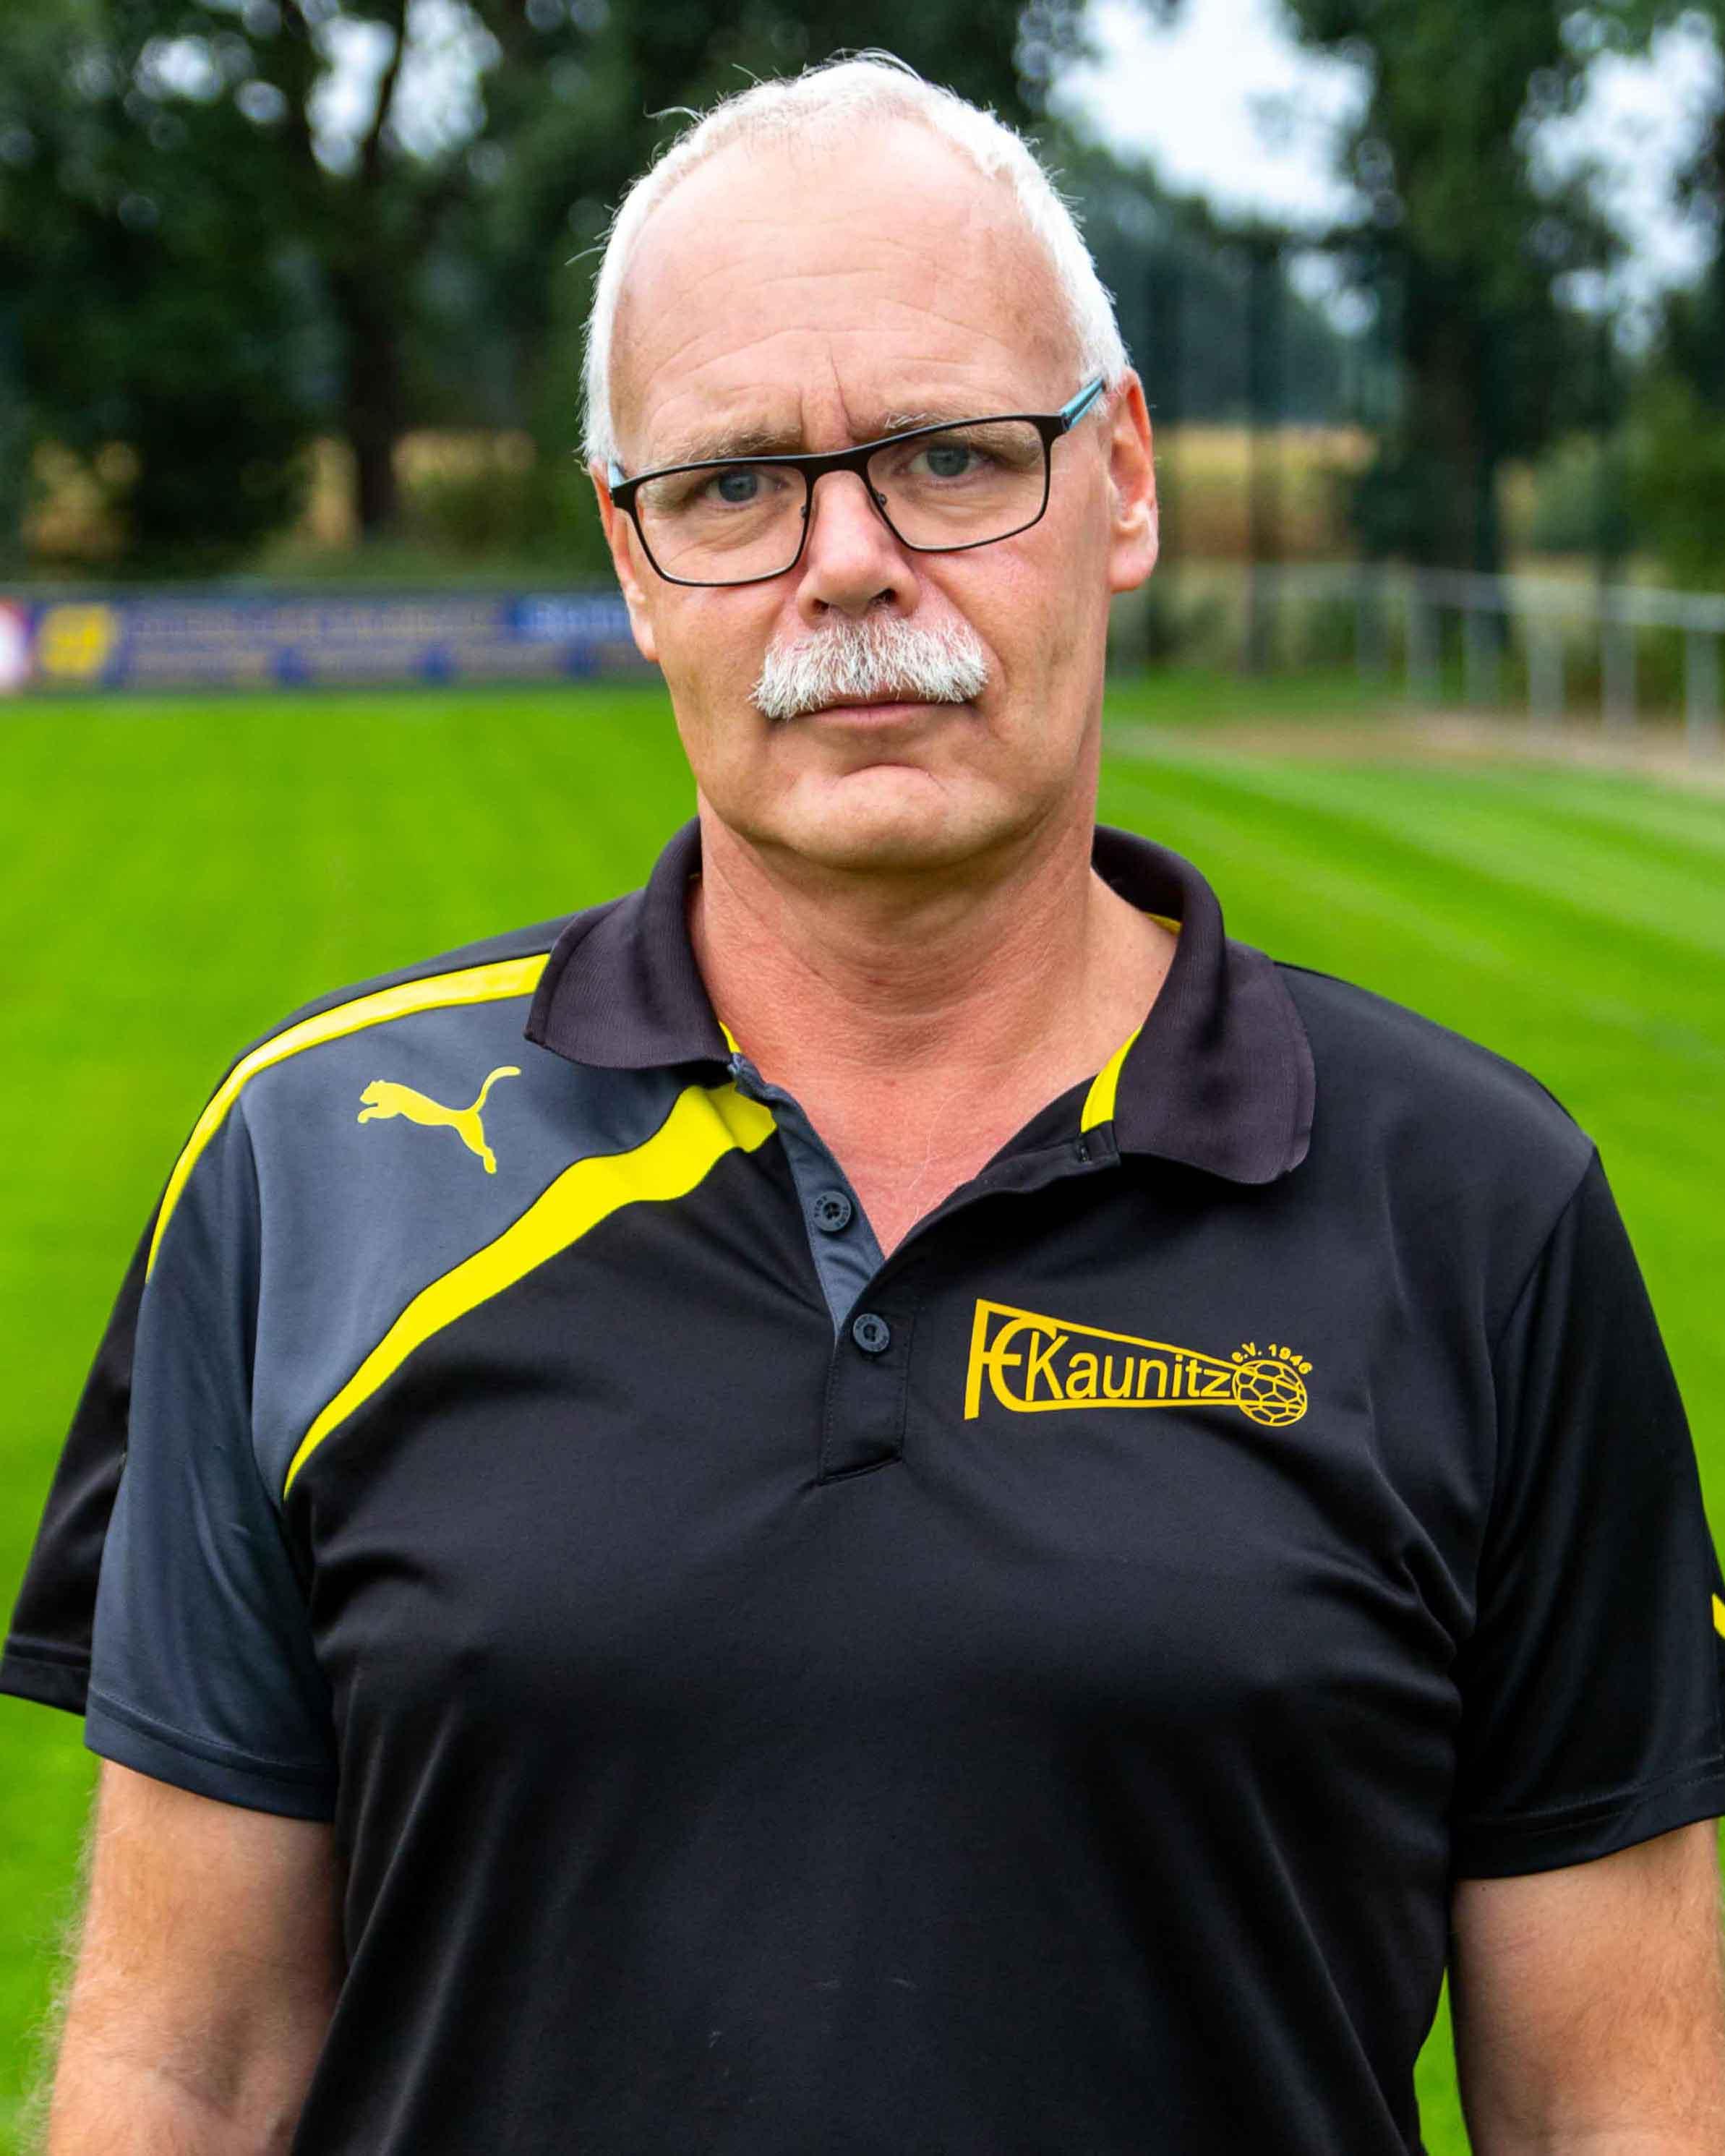 Burkhard Menke